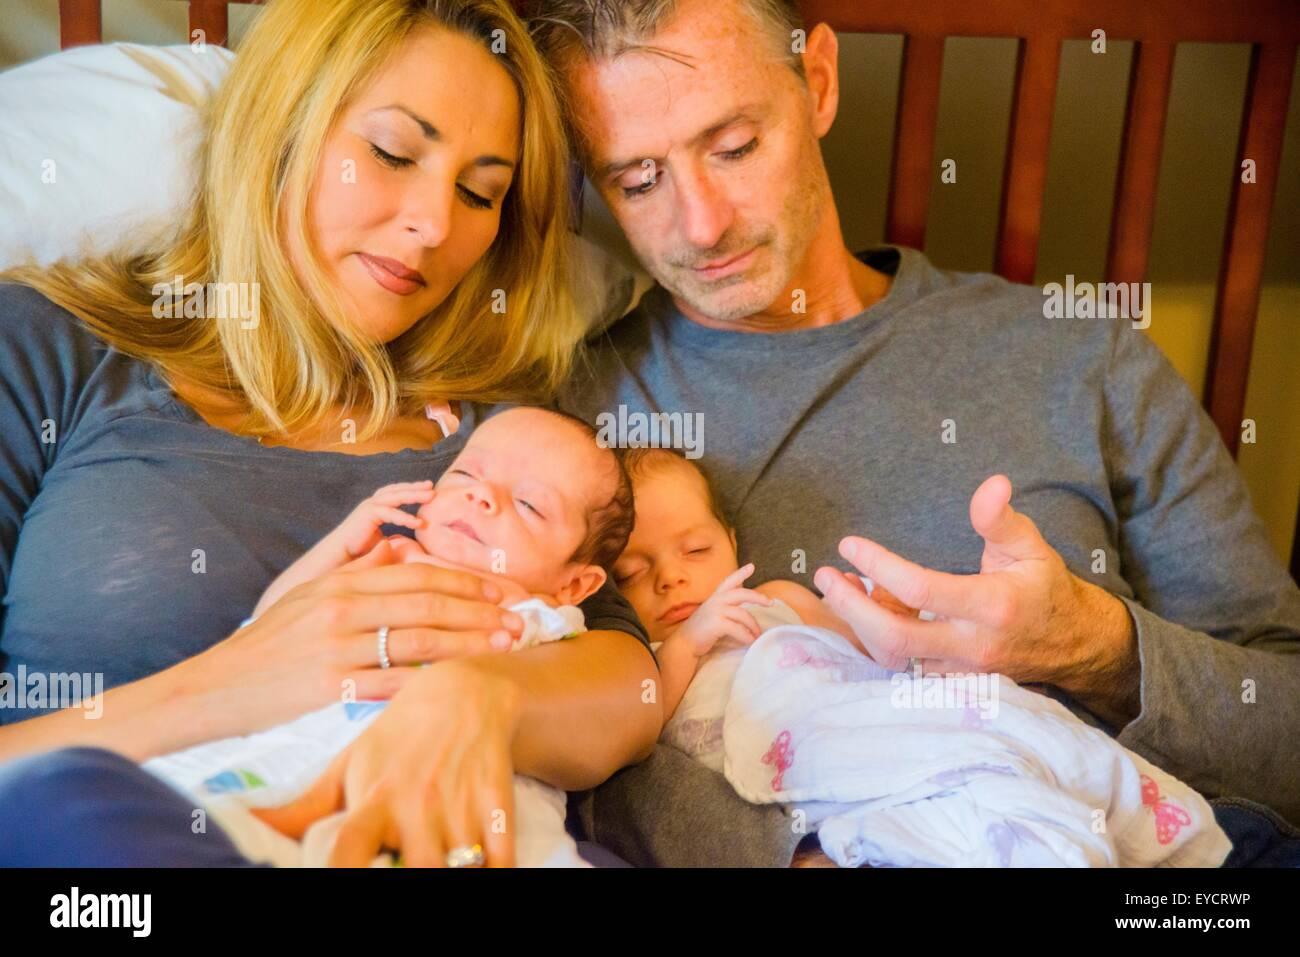 Pareja con dos niñas y un niño recién nacido Imagen De Stock